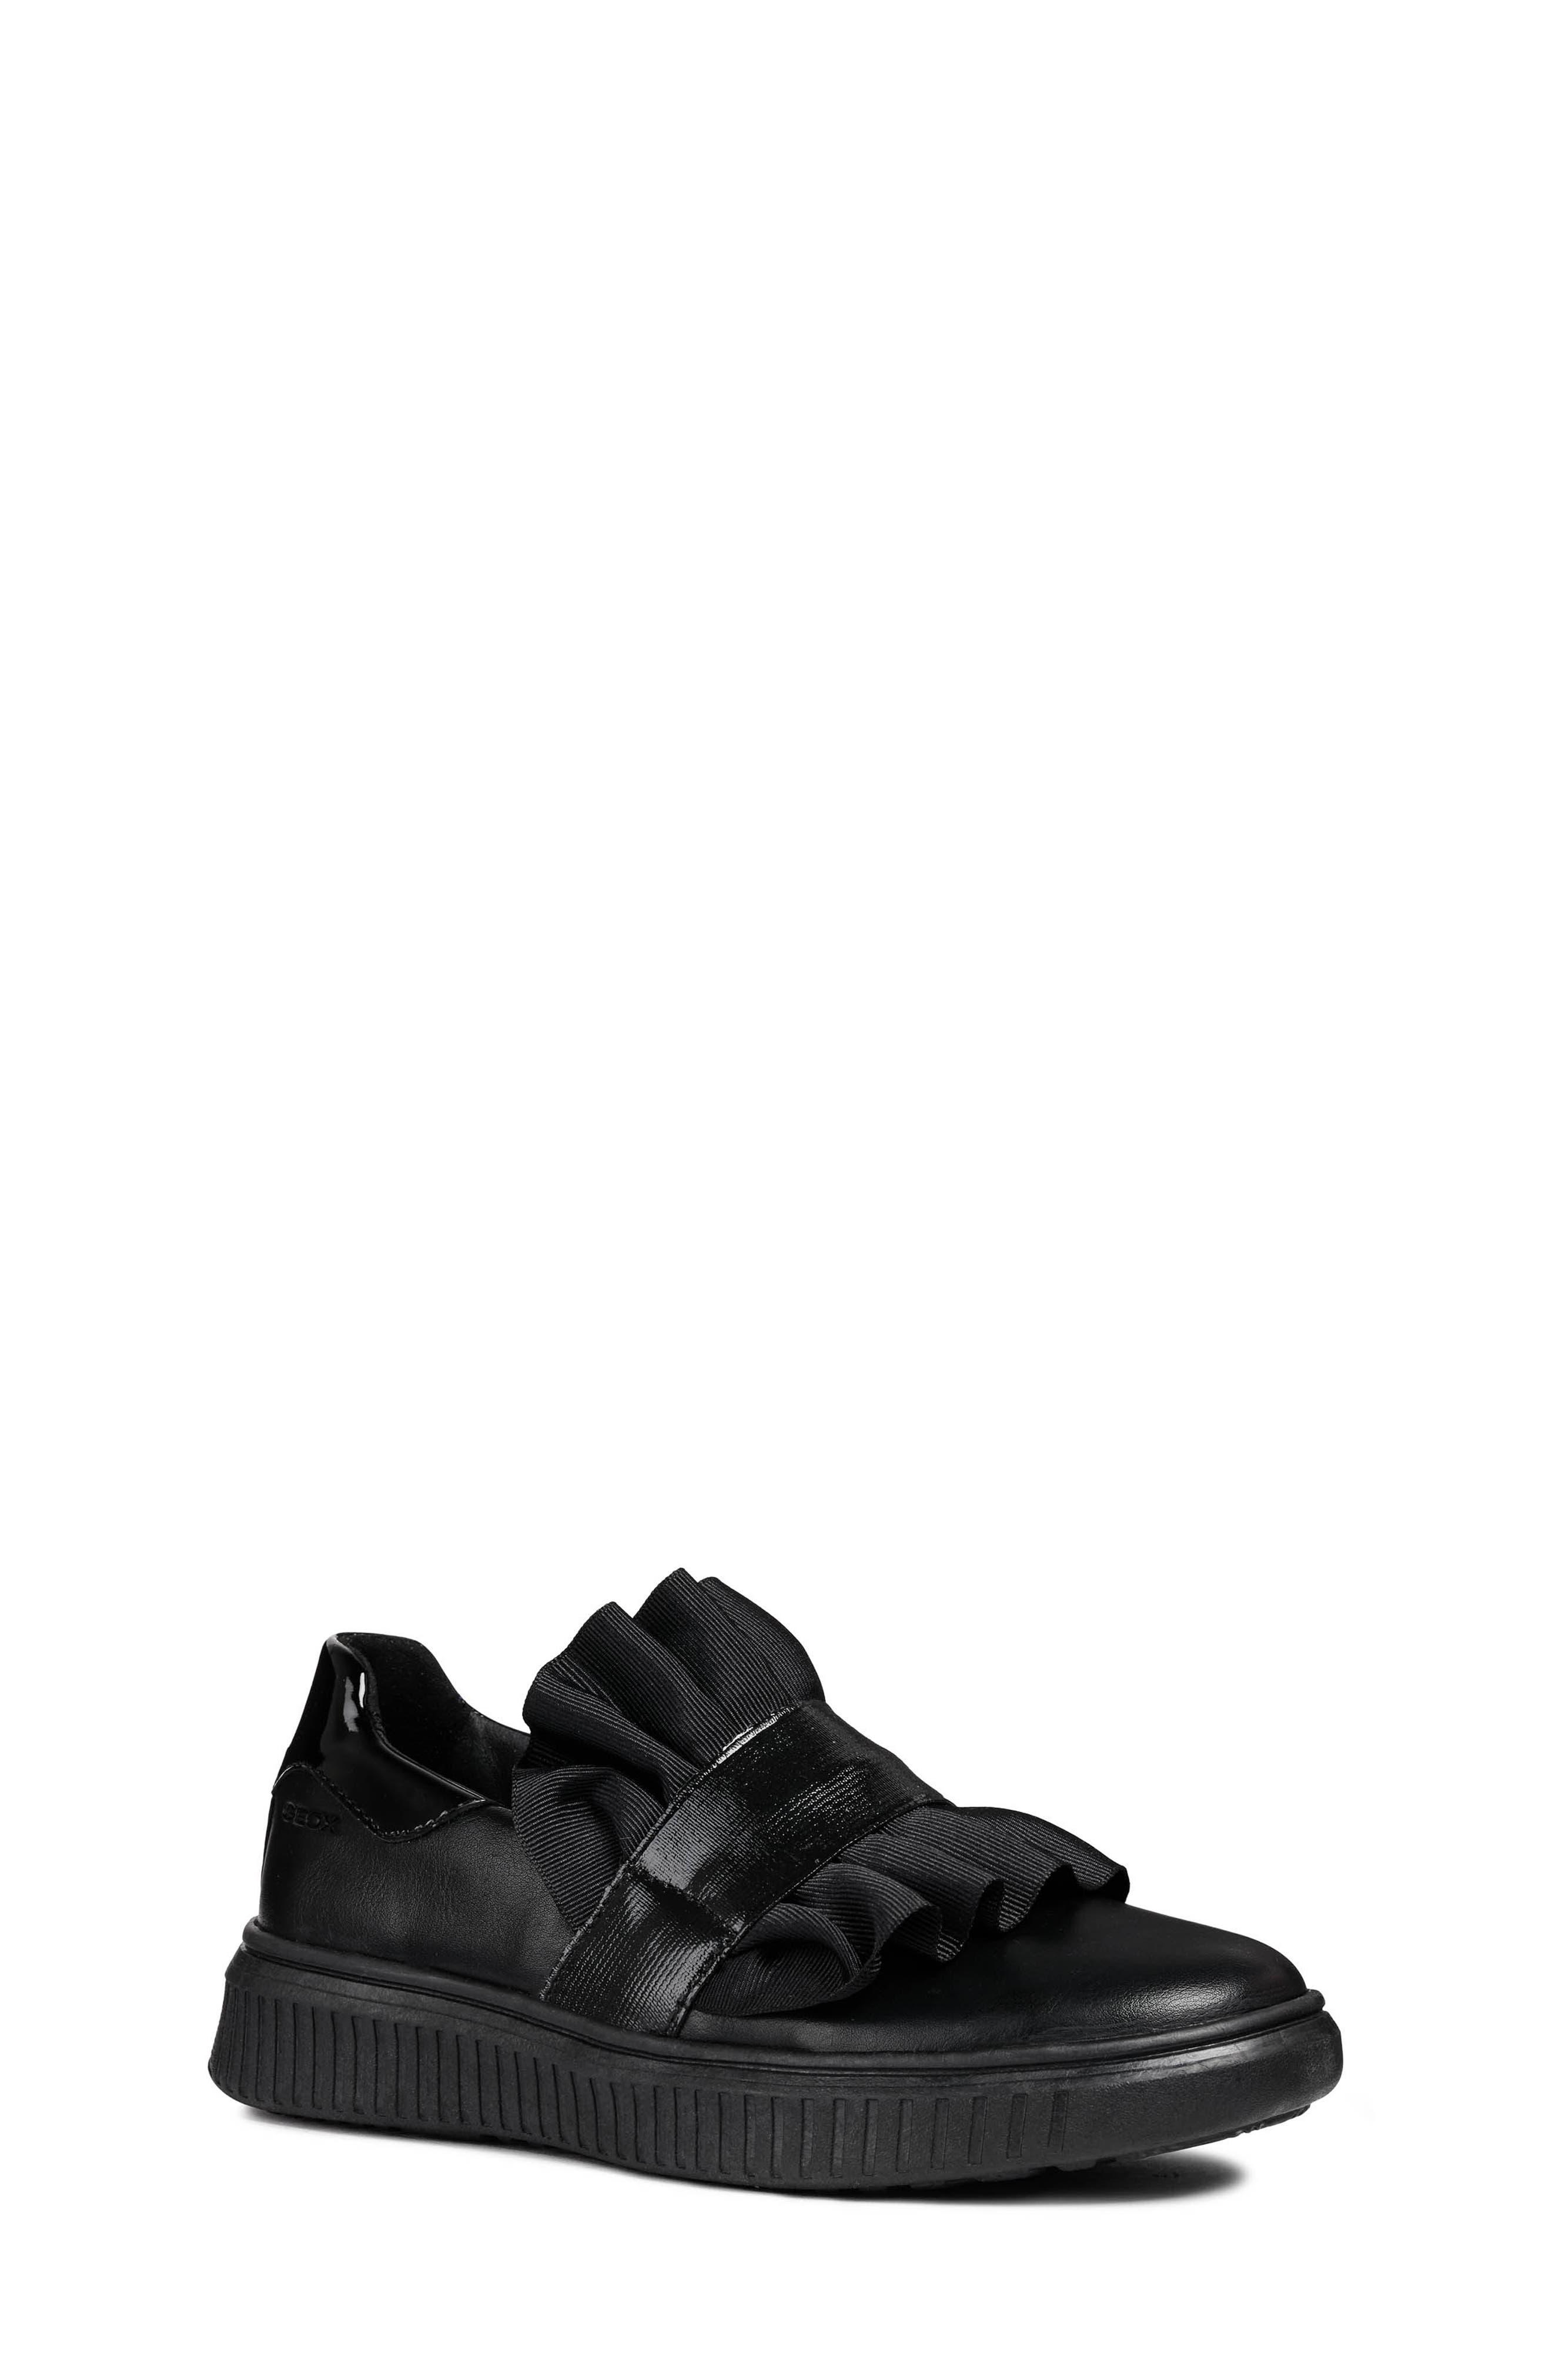 Disco Mix Slip-On Sneaker,                             Main thumbnail 1, color,                             BLACK